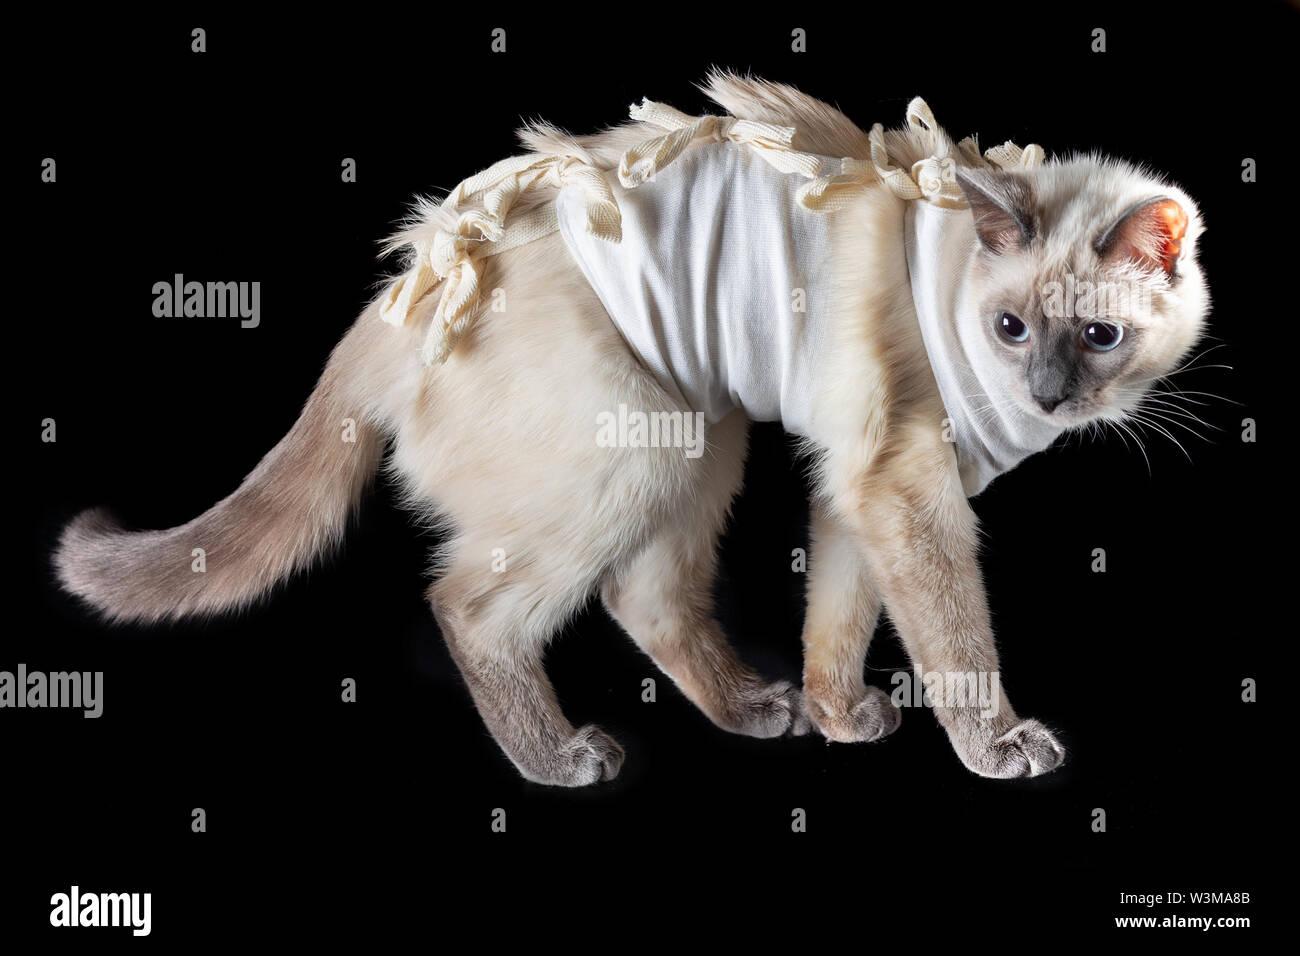 Thai cat après la stérilisation dans le pansement postopératoire sur un fond noir. Photo Stock